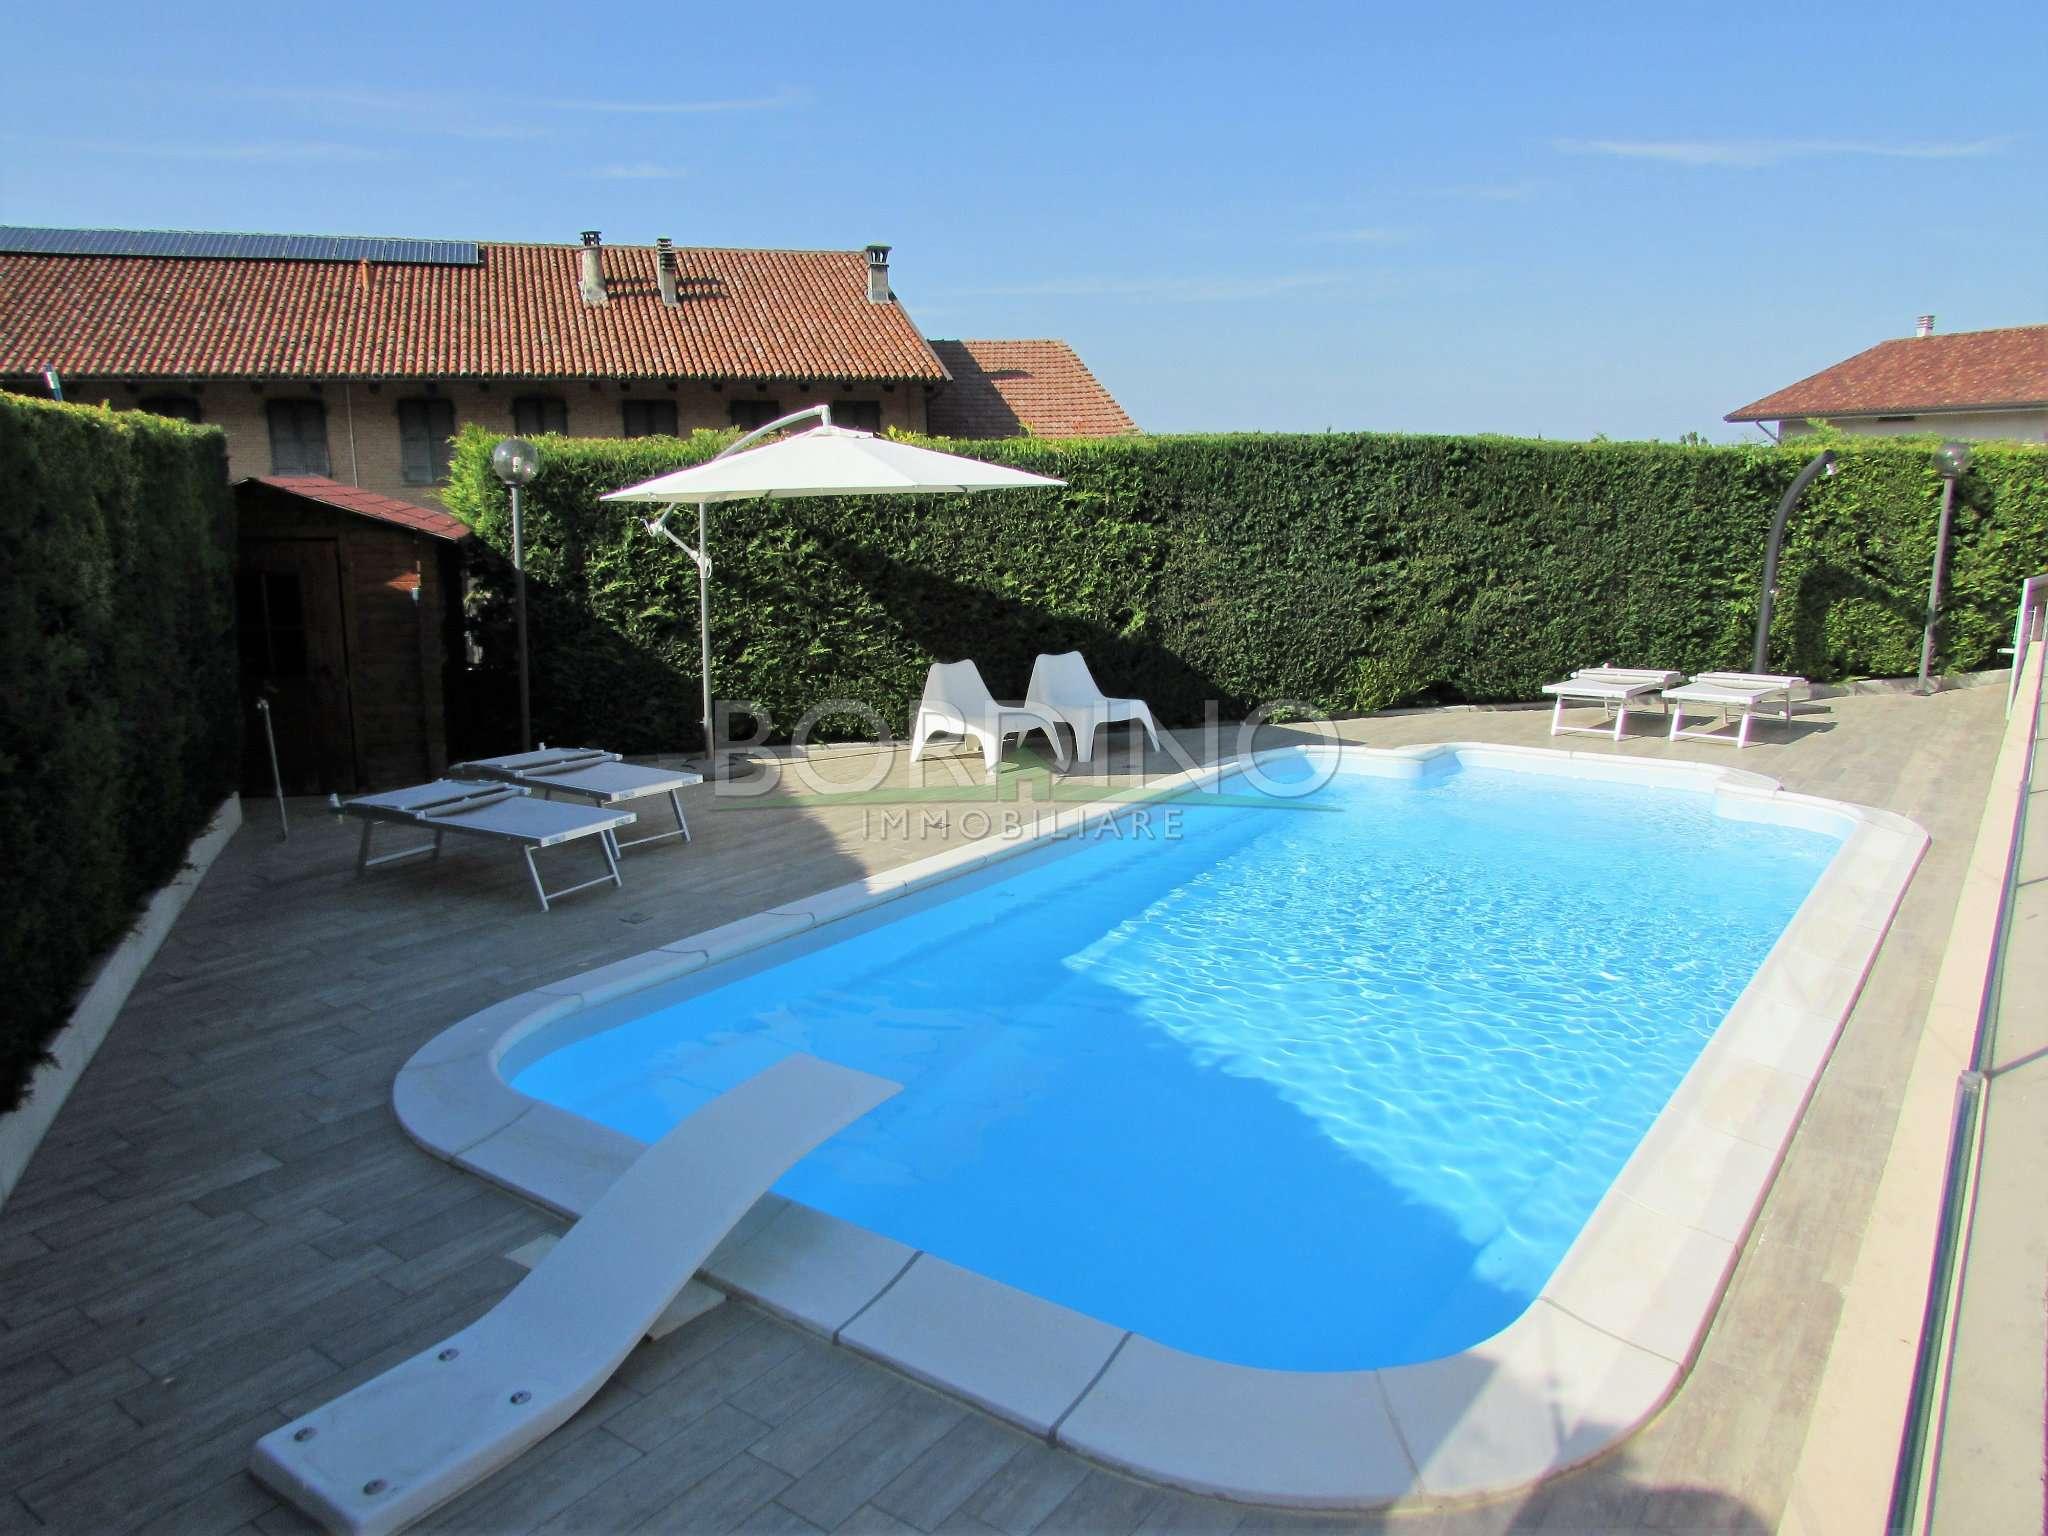 Villa Bifamiliare in vendita a Magliano Alfieri, 10 locali, prezzo € 540.000 | PortaleAgenzieImmobiliari.it